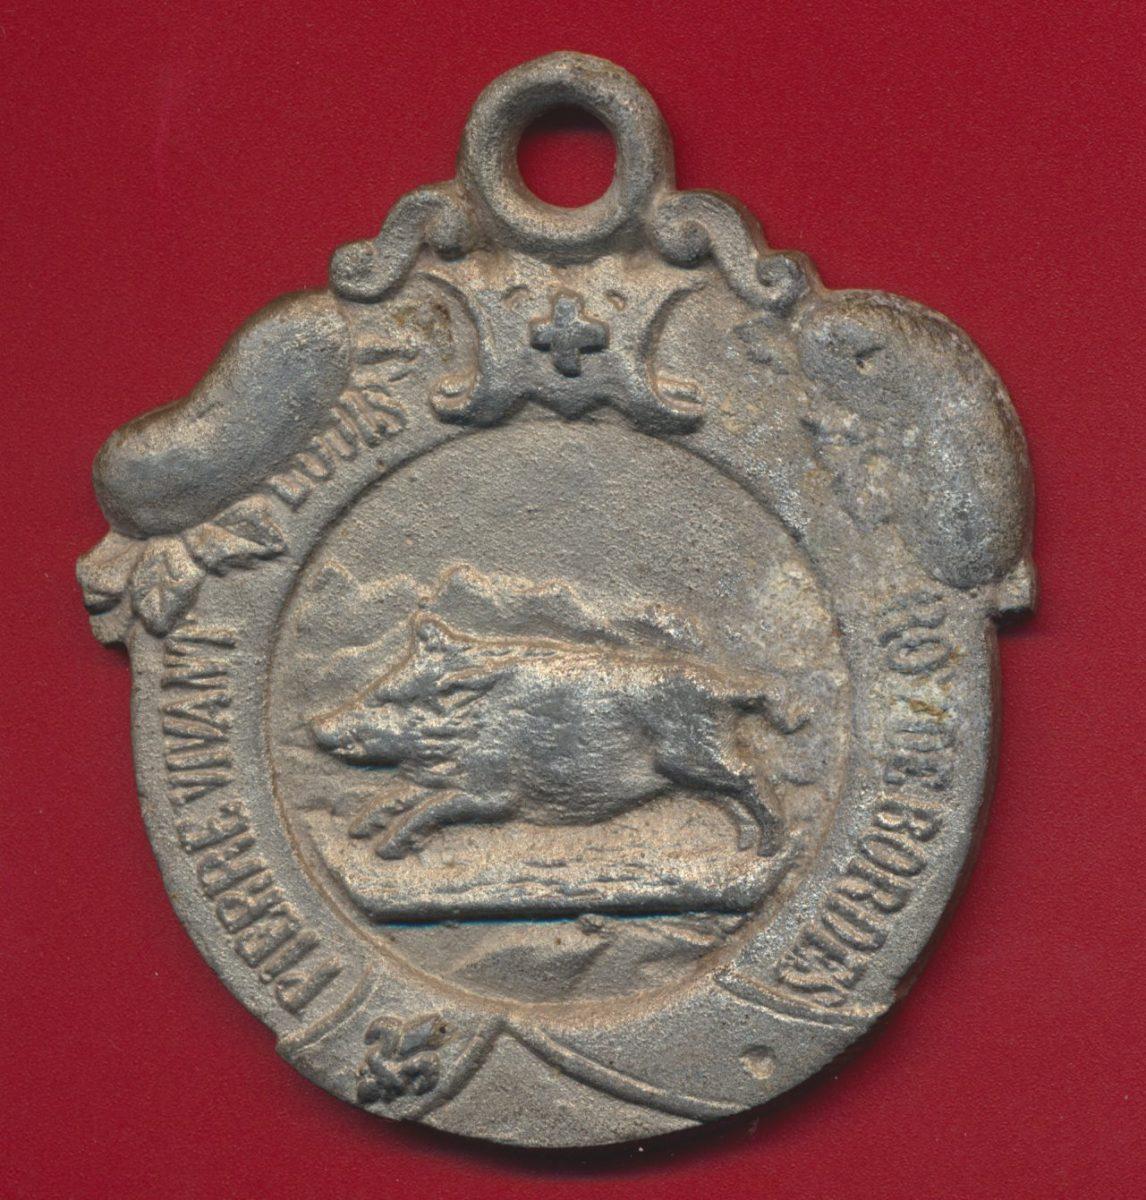 plaque-medaille-pierre-vivant-louis-roi-de-bordes-famille-angevine-angers-bauge-baugeois-famille-angevine